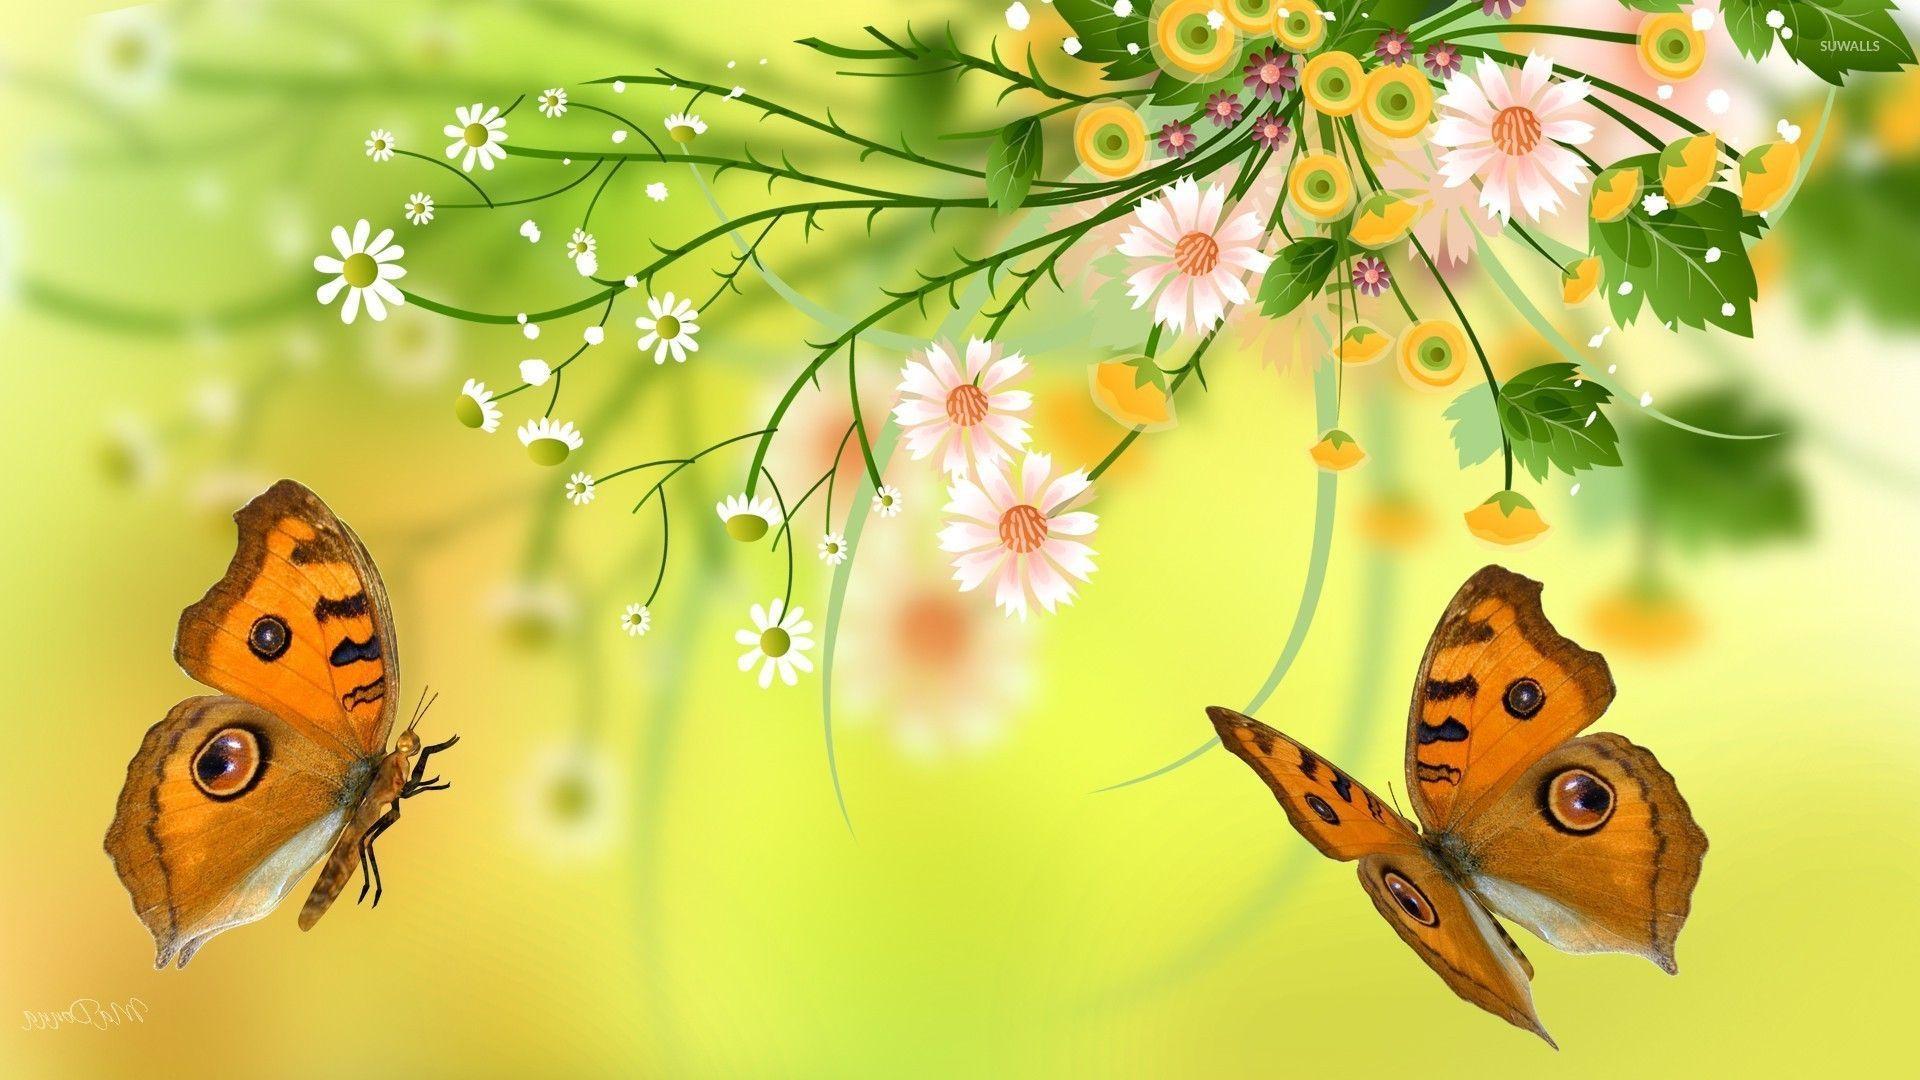 1920x1080 Bướm quanh hình nền bó hoa mùa hè - Hình nền nghệ thuật số